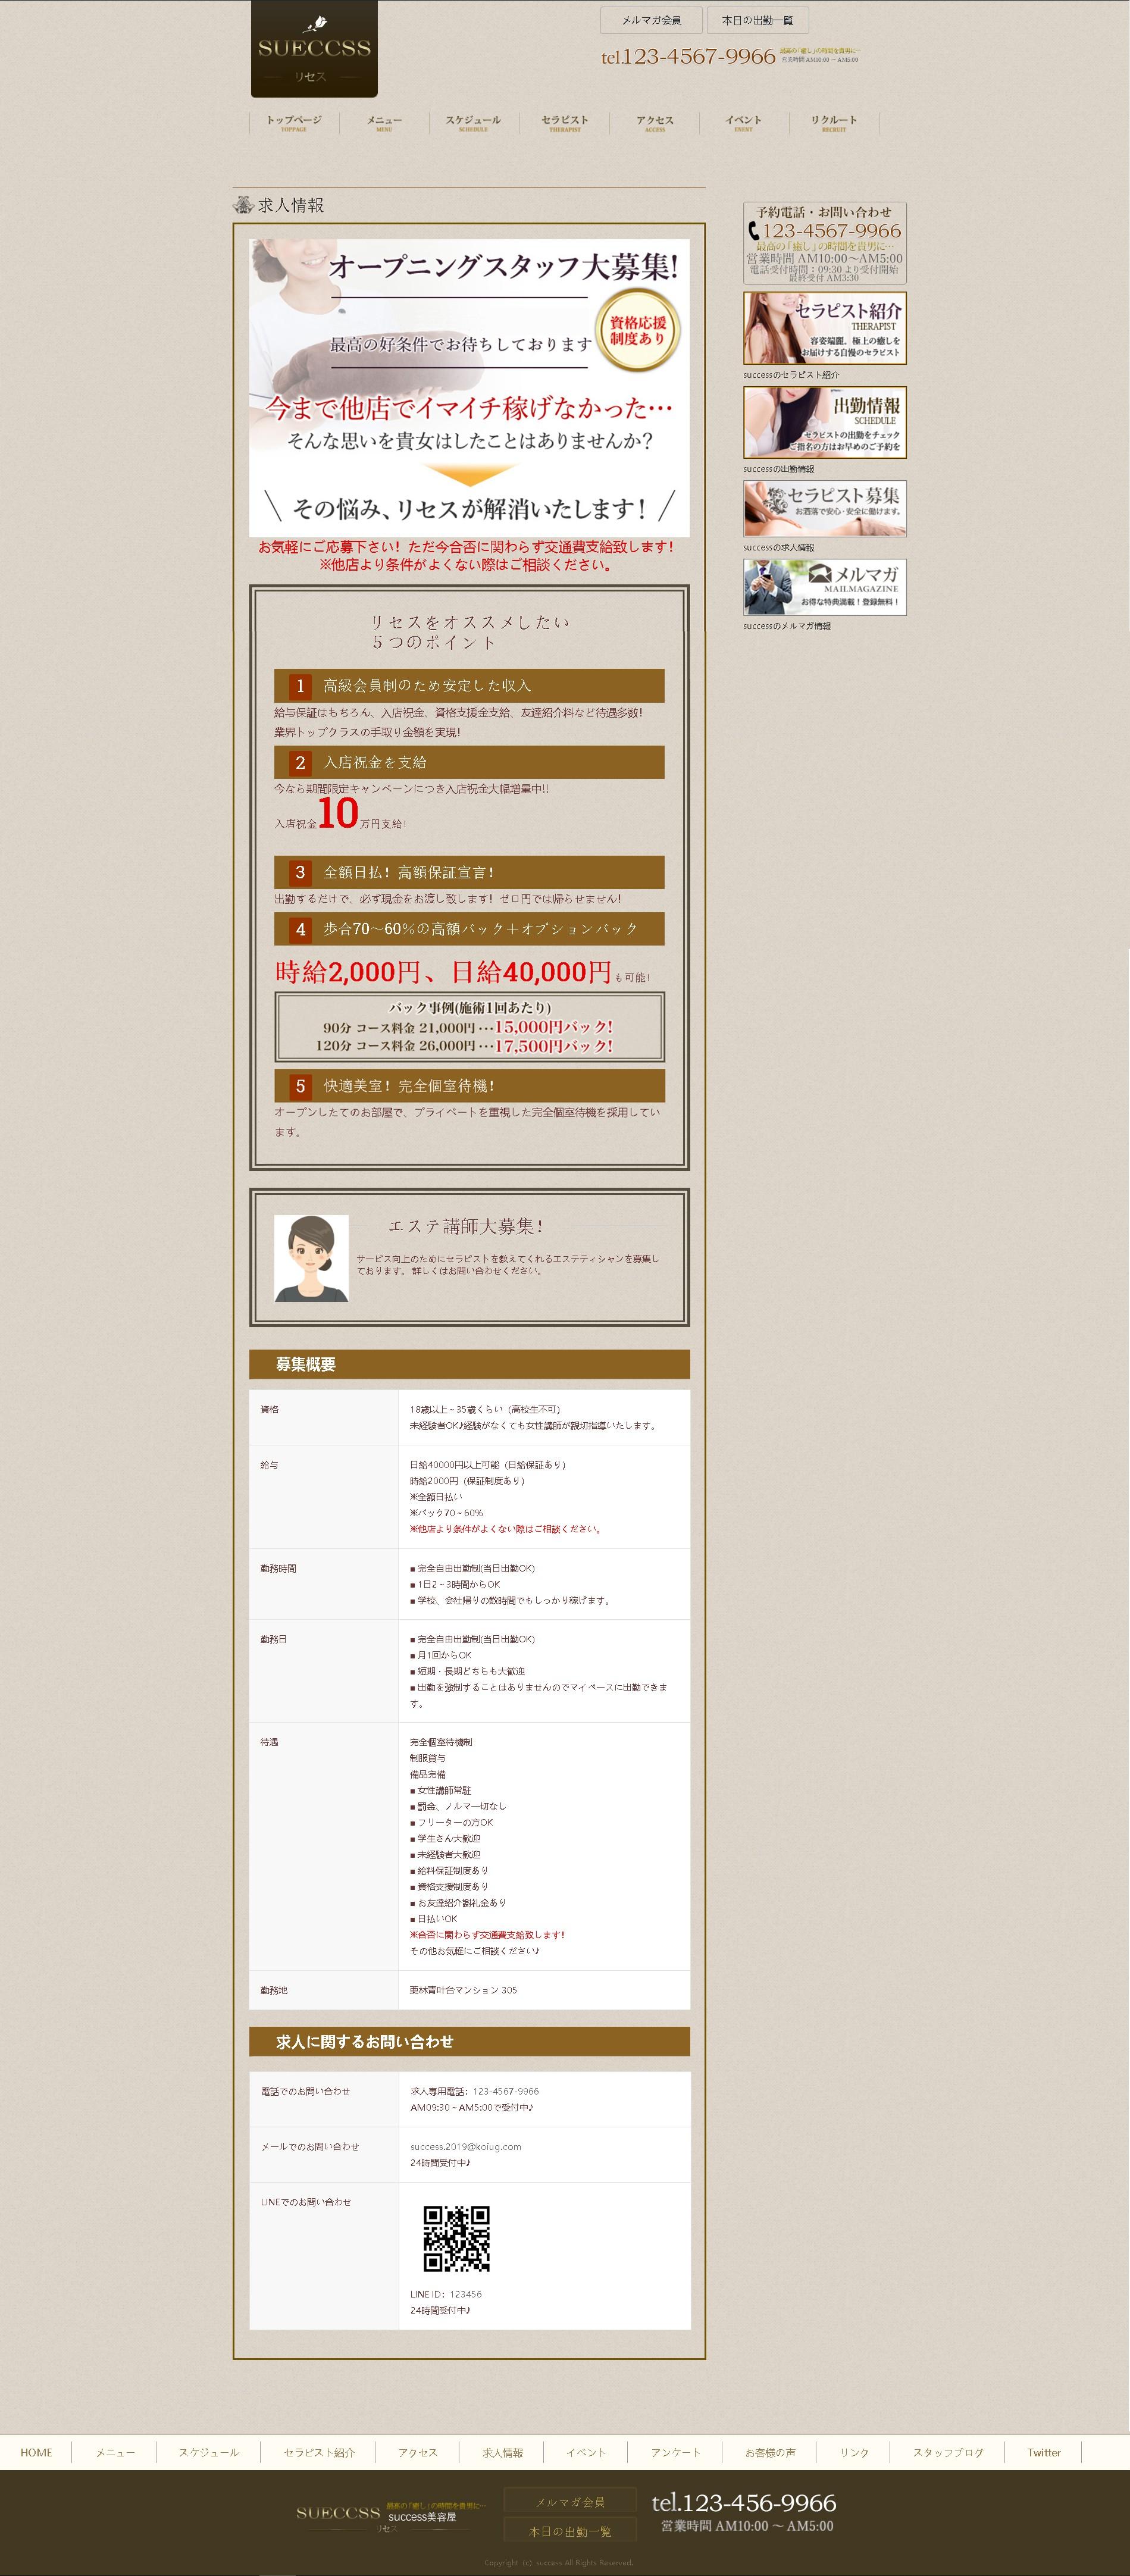 志博科技 微信号:zhibotokyo